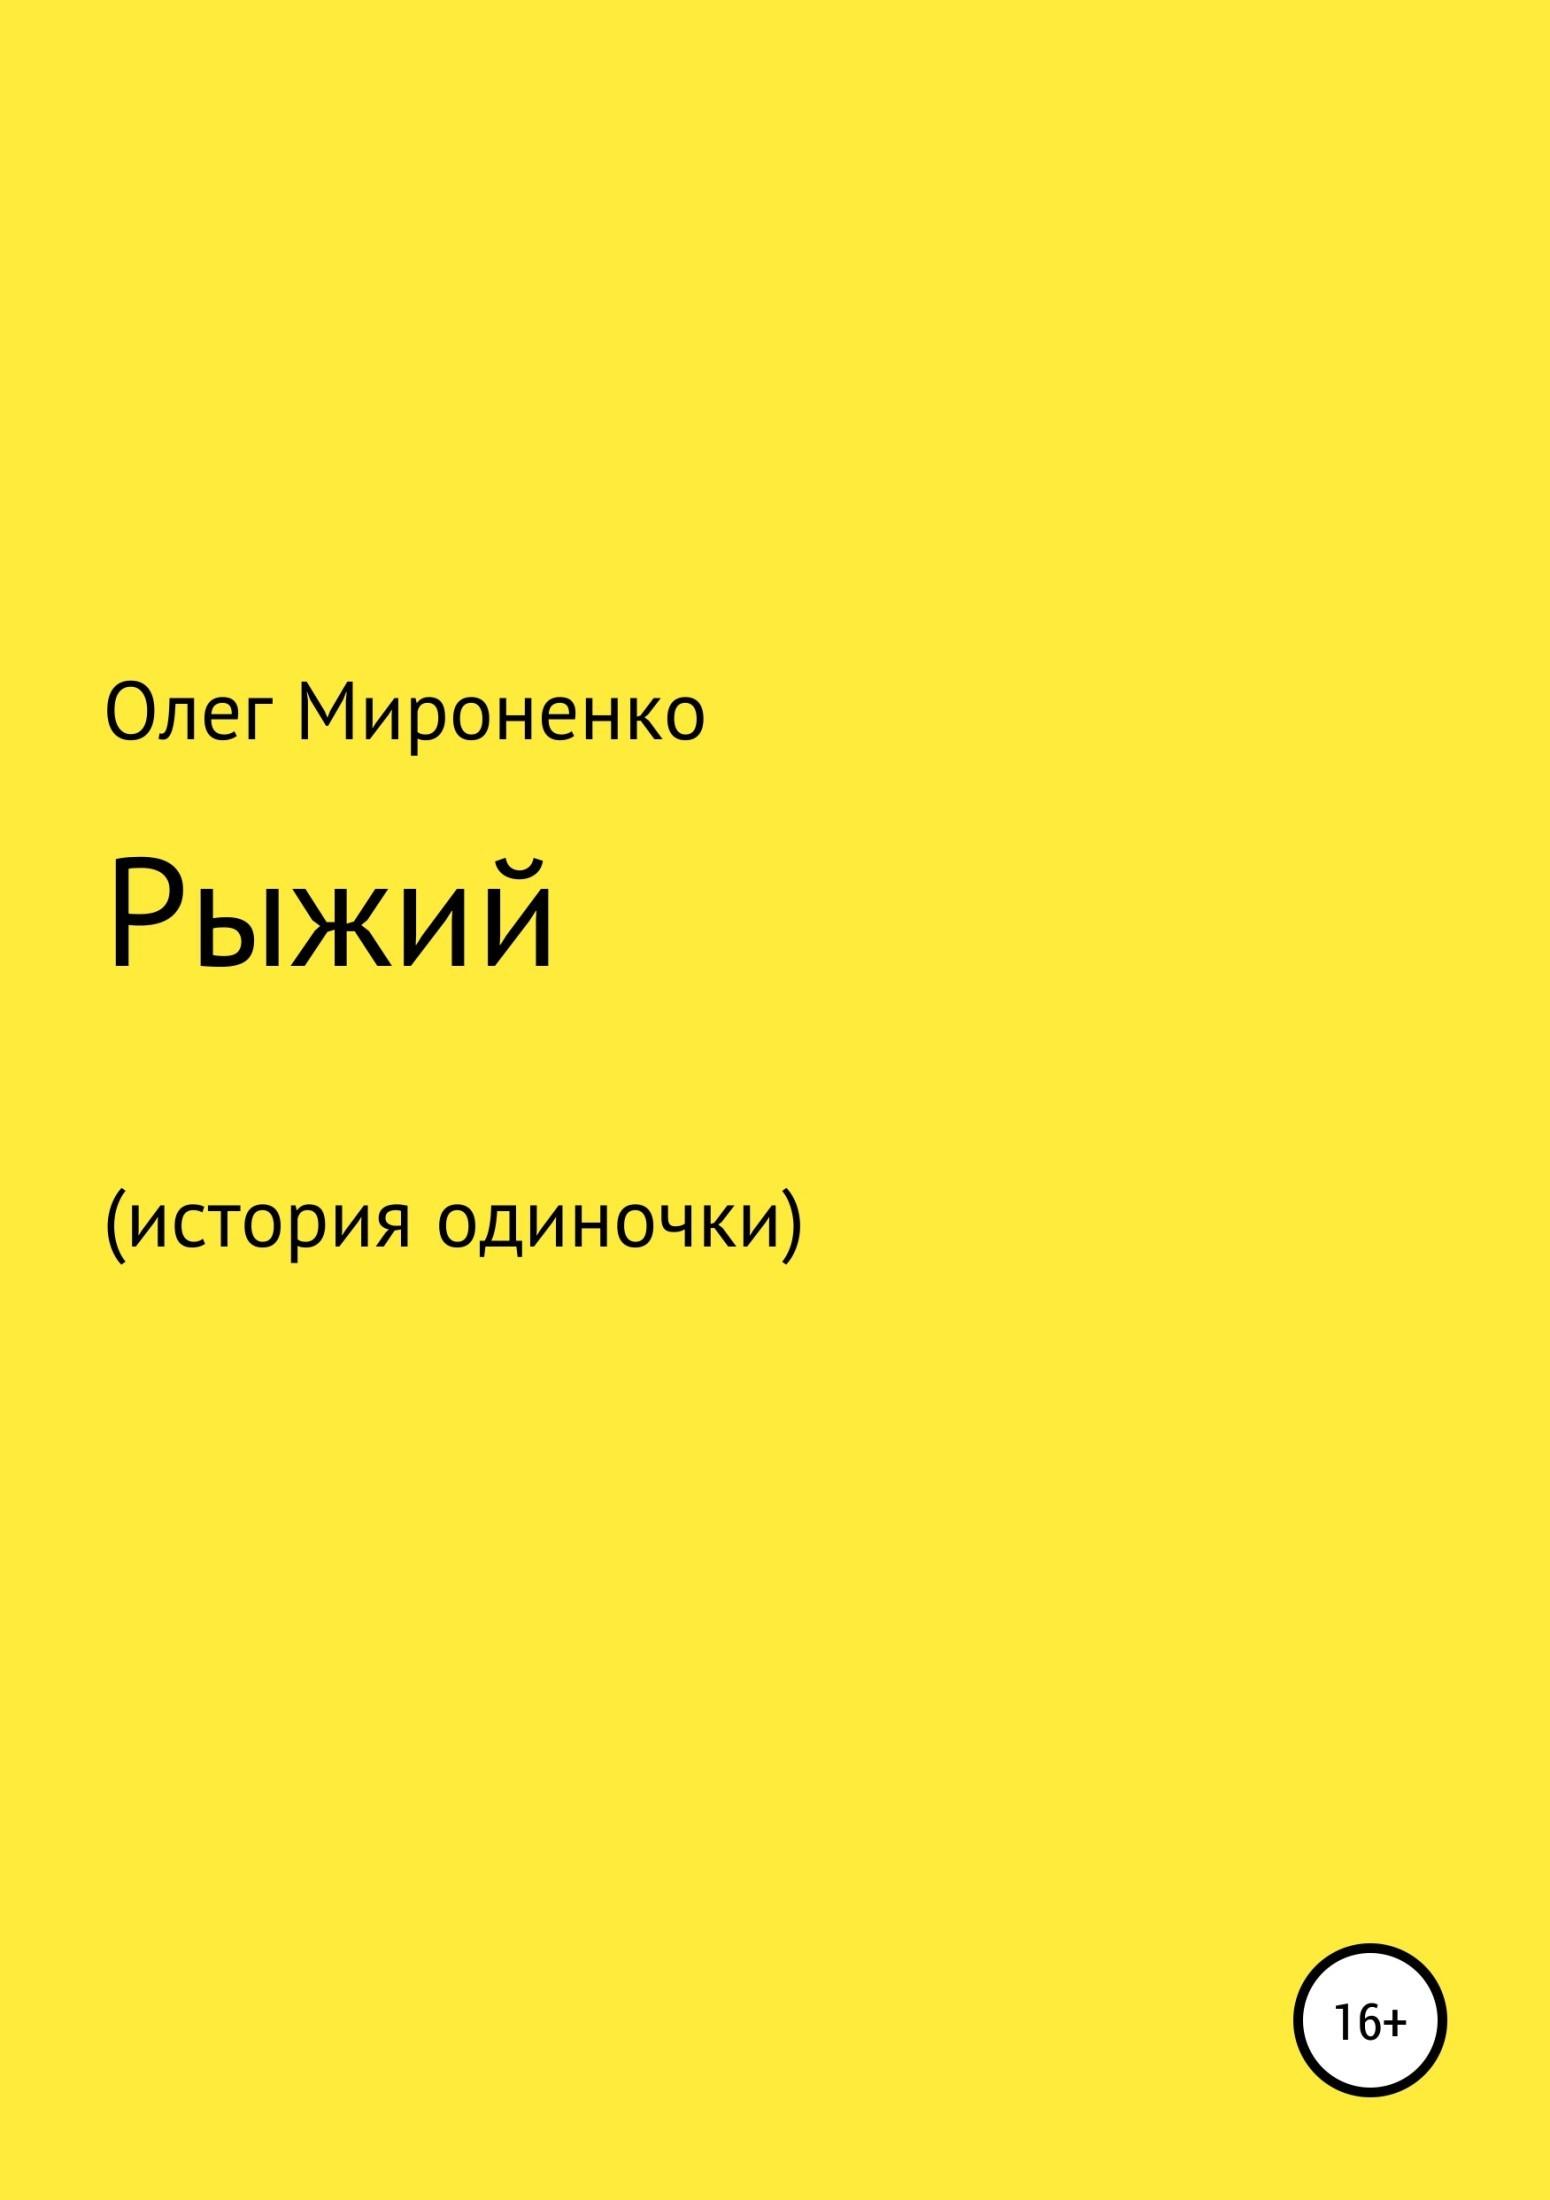 Олег Мироненко Рыжий (история одиночки) о кошках и собаках